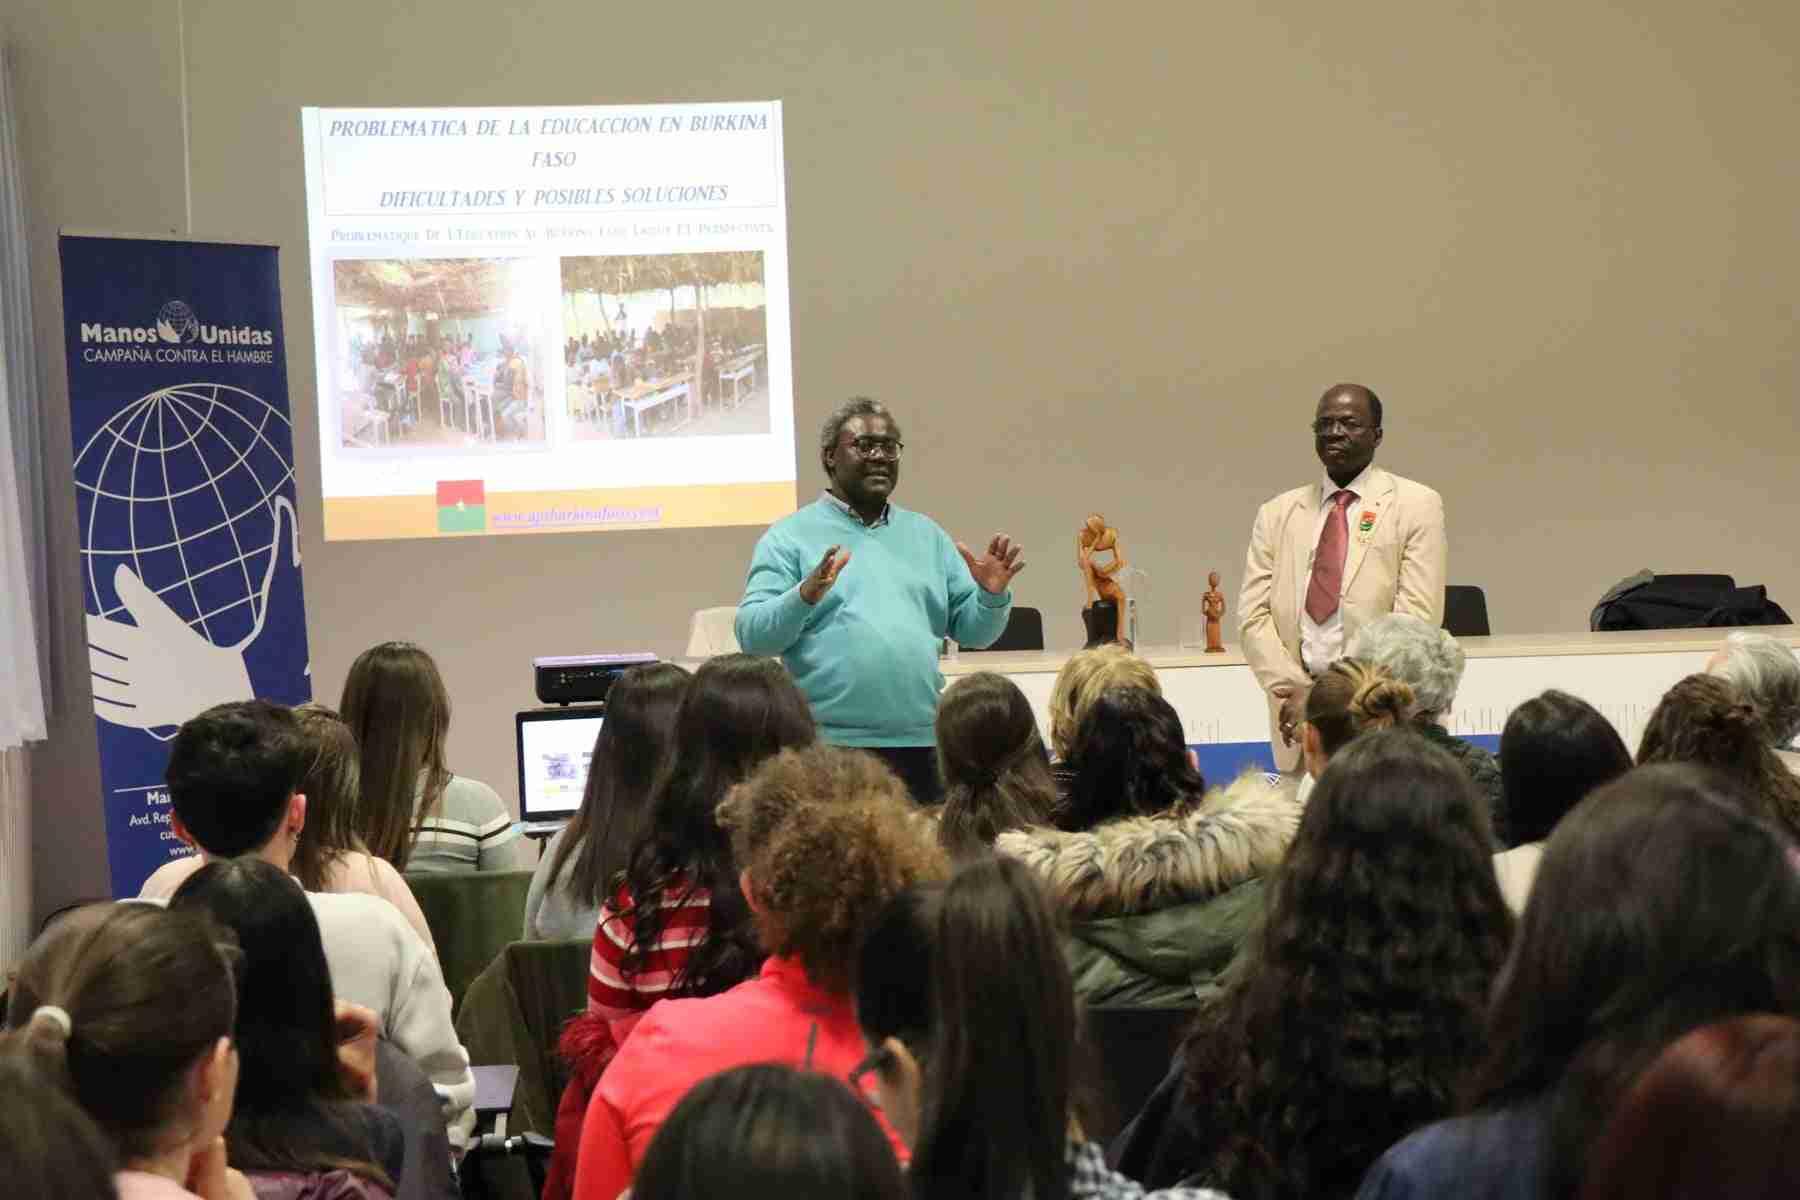 Hamidou Keivin presenta el proyecto de Manos Unidas en Burkina Faso 3